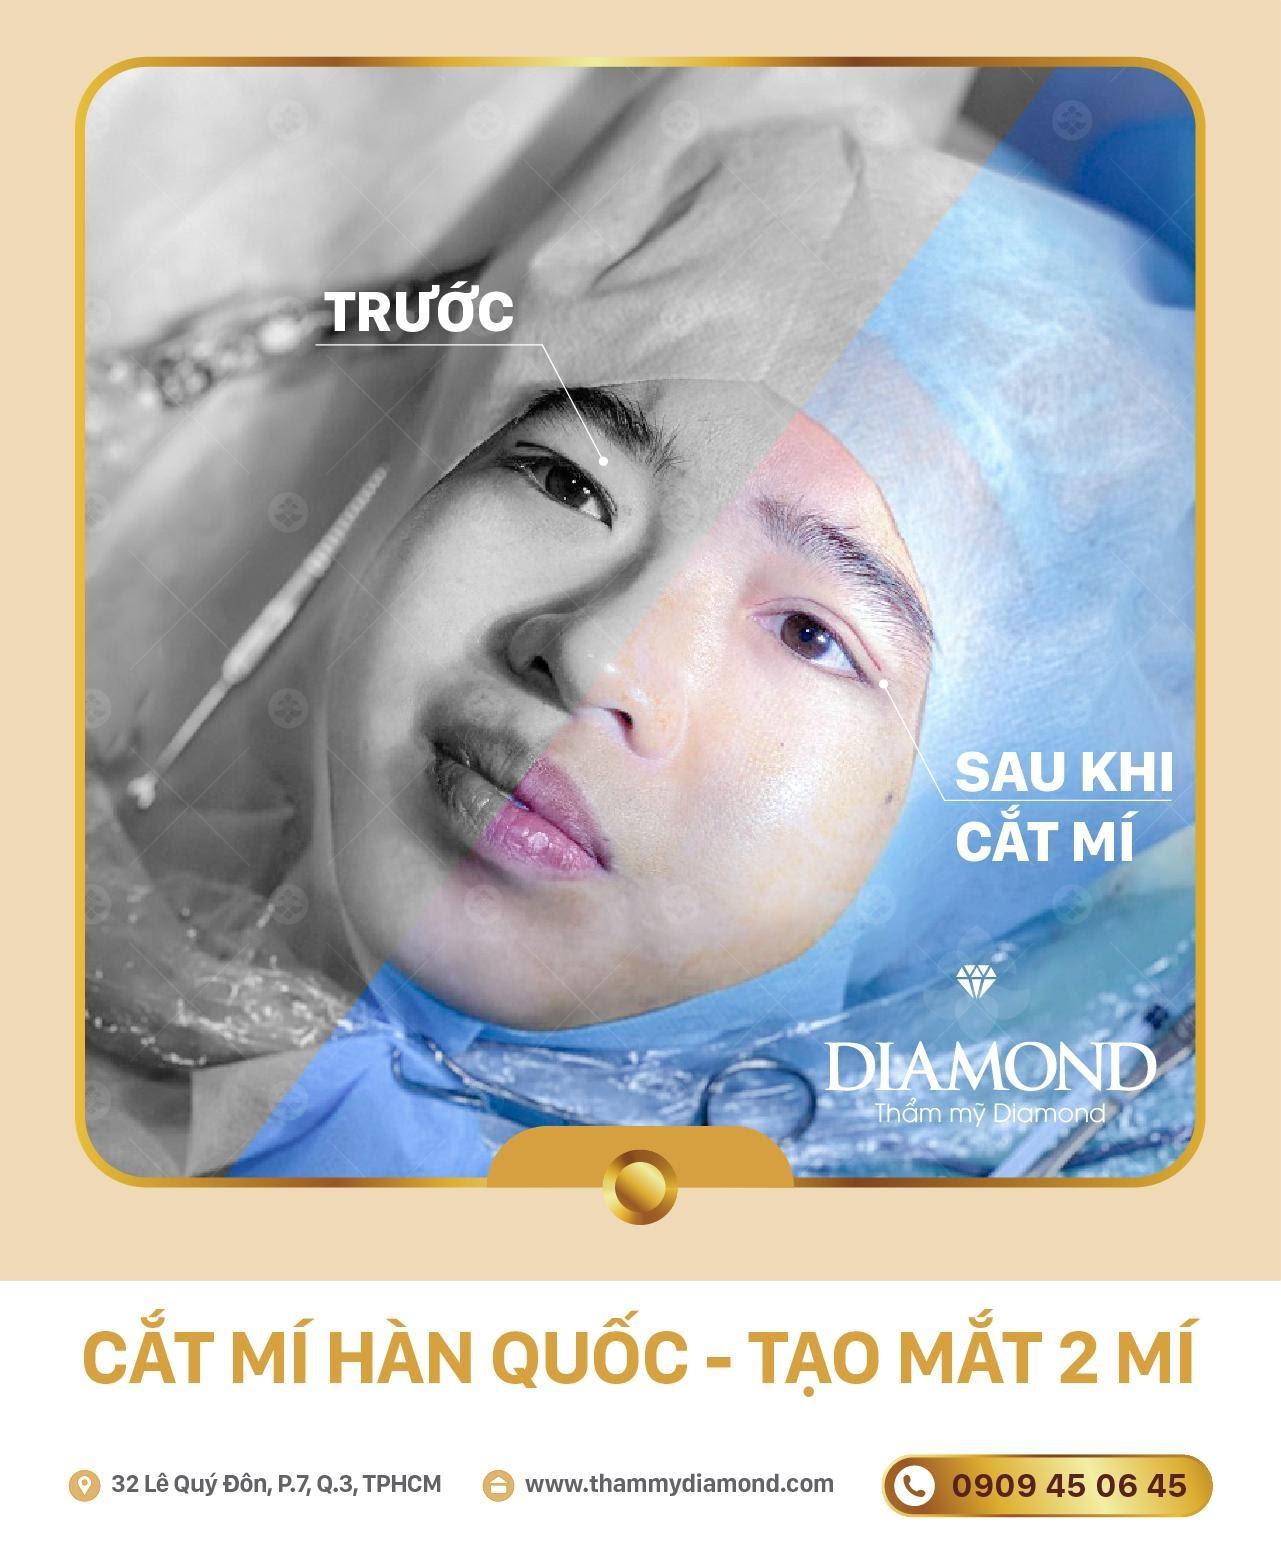 hieu-qua-cat-mi-mat-nang-cung-may-diamond